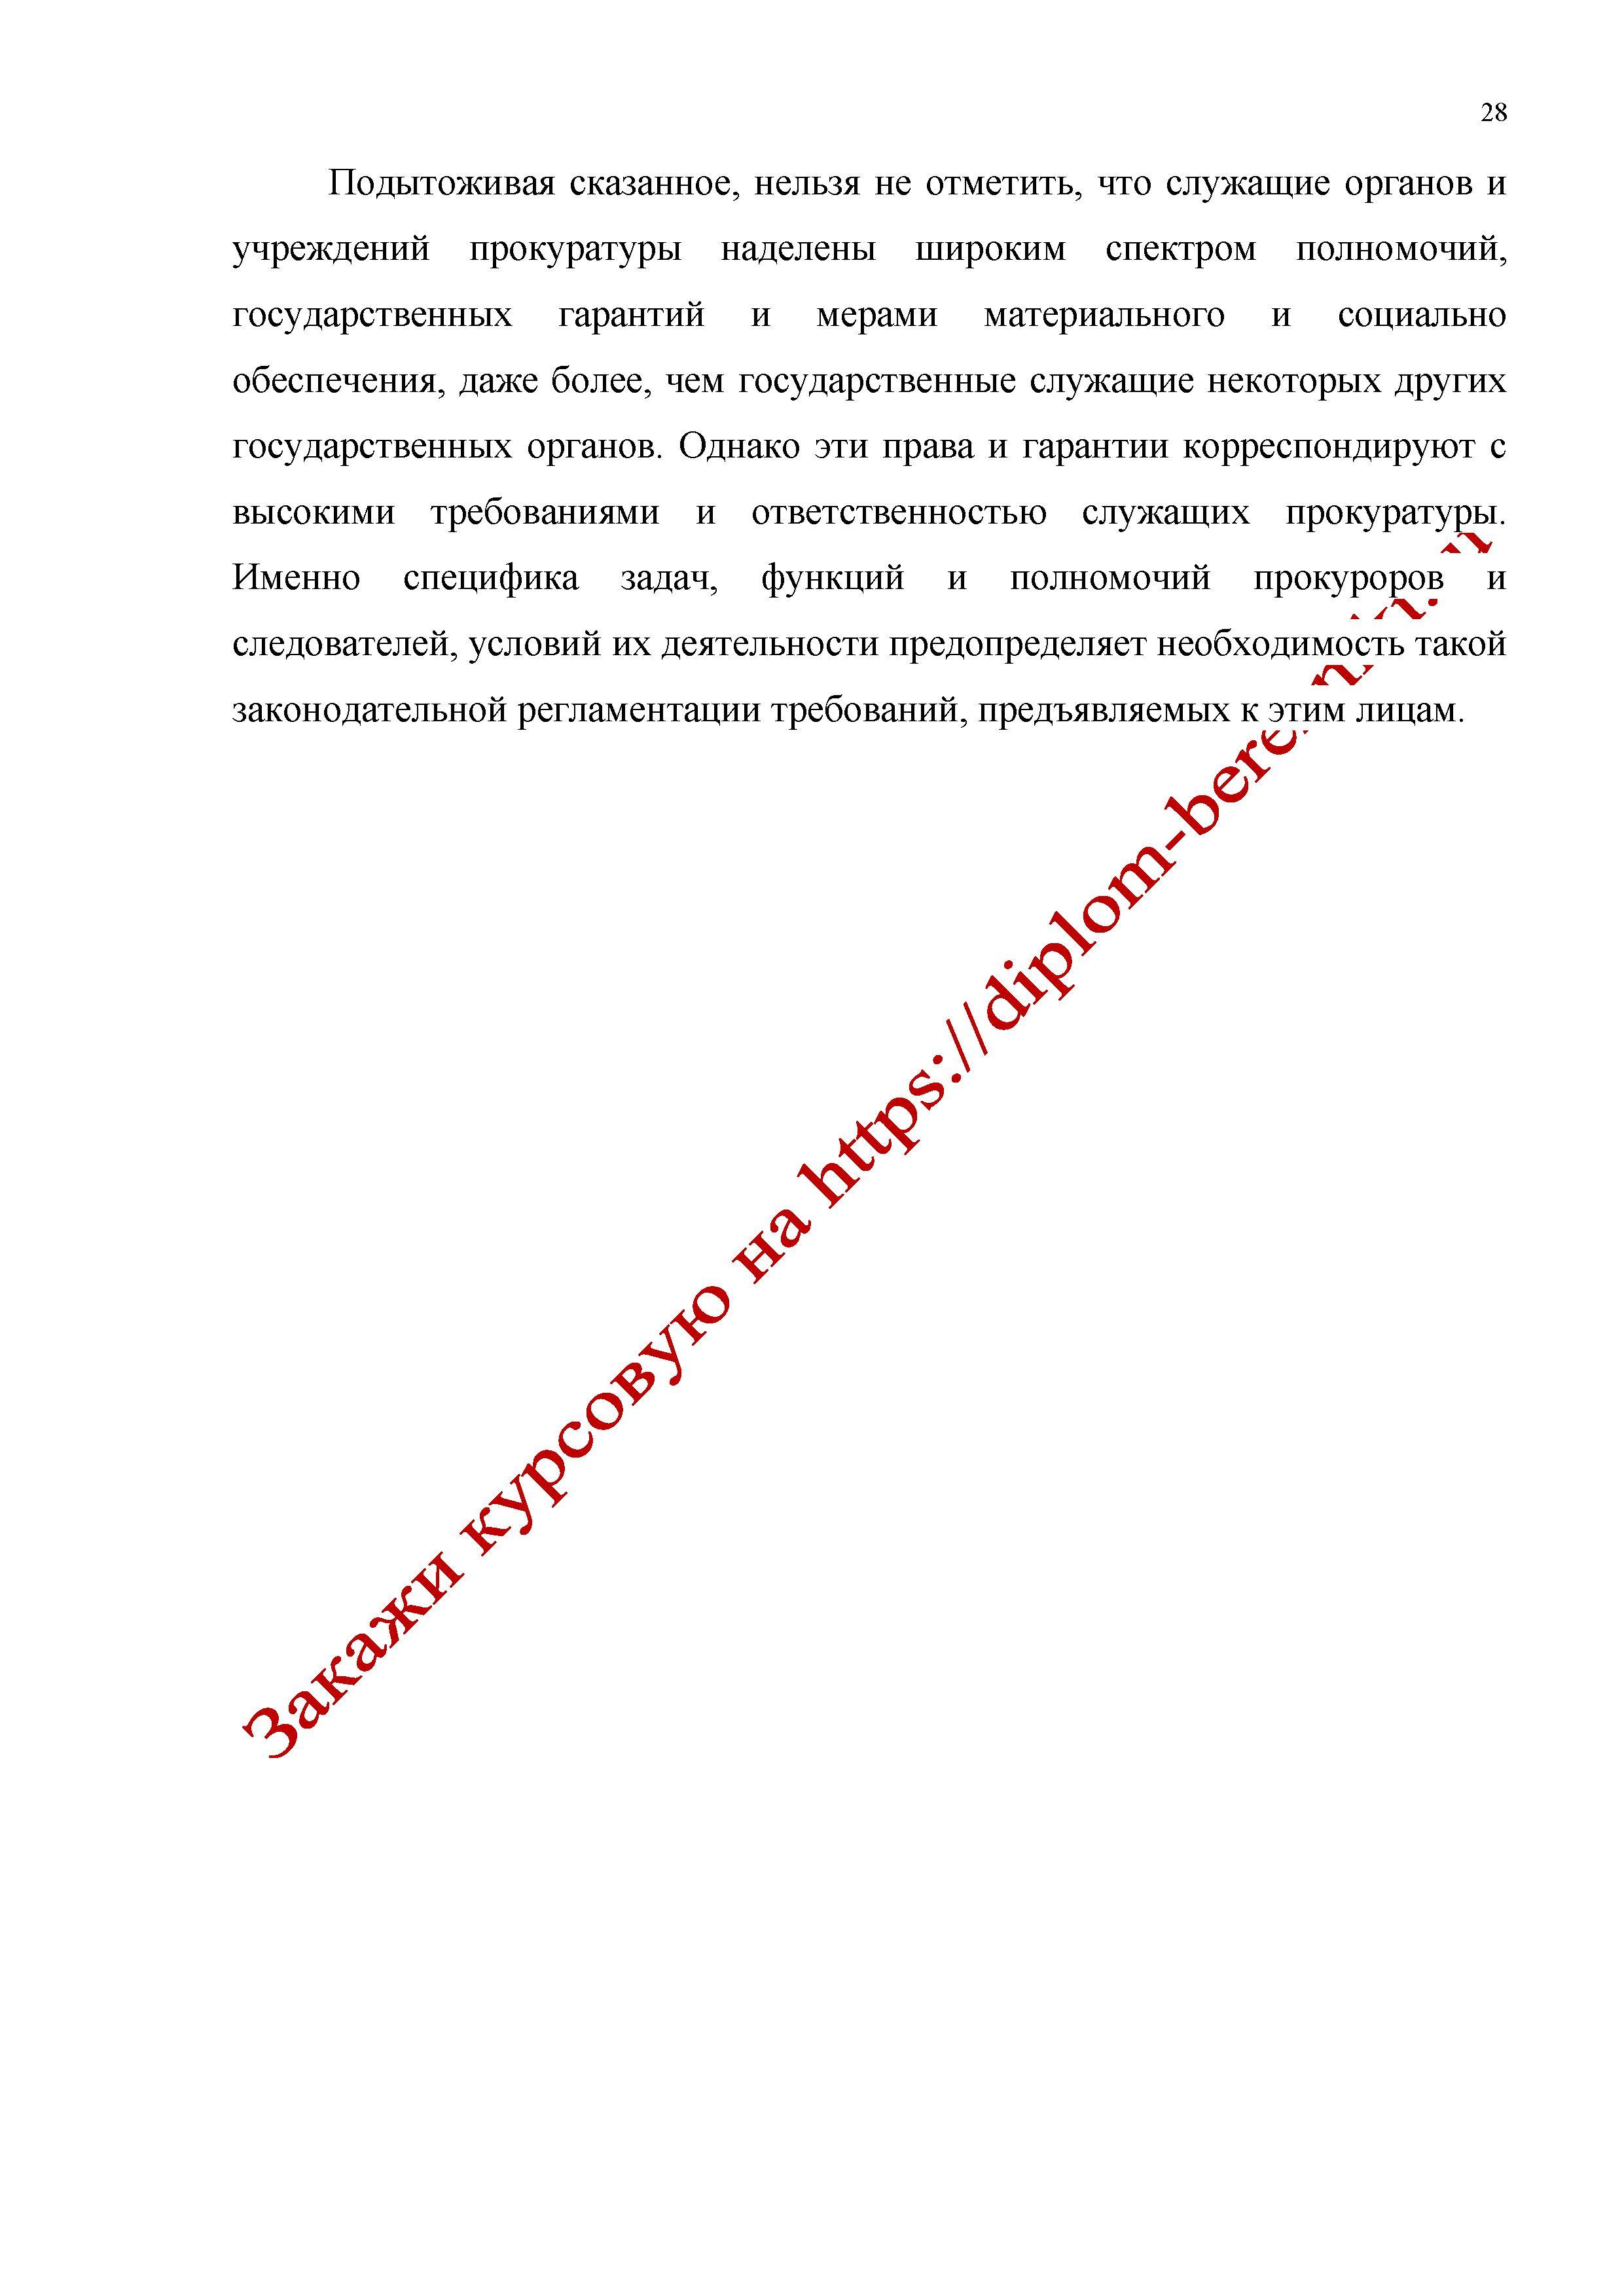 Генеральный прокурор Российской Федерации назначает на должность